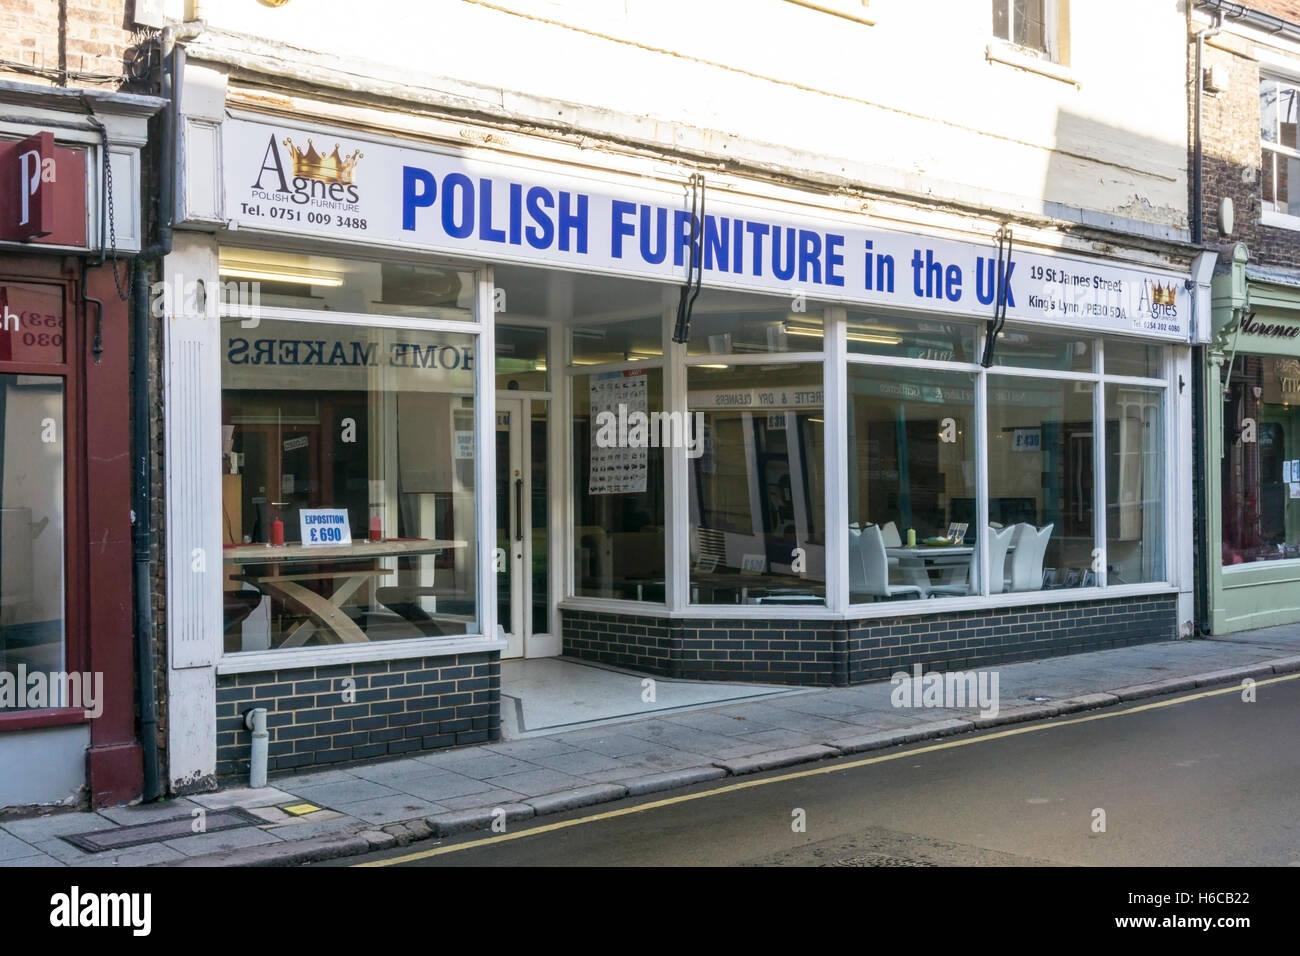 Un ramo di Agnes mobili vendita mobili polacco in King's Lynn, Norfolk. Immagini Stock